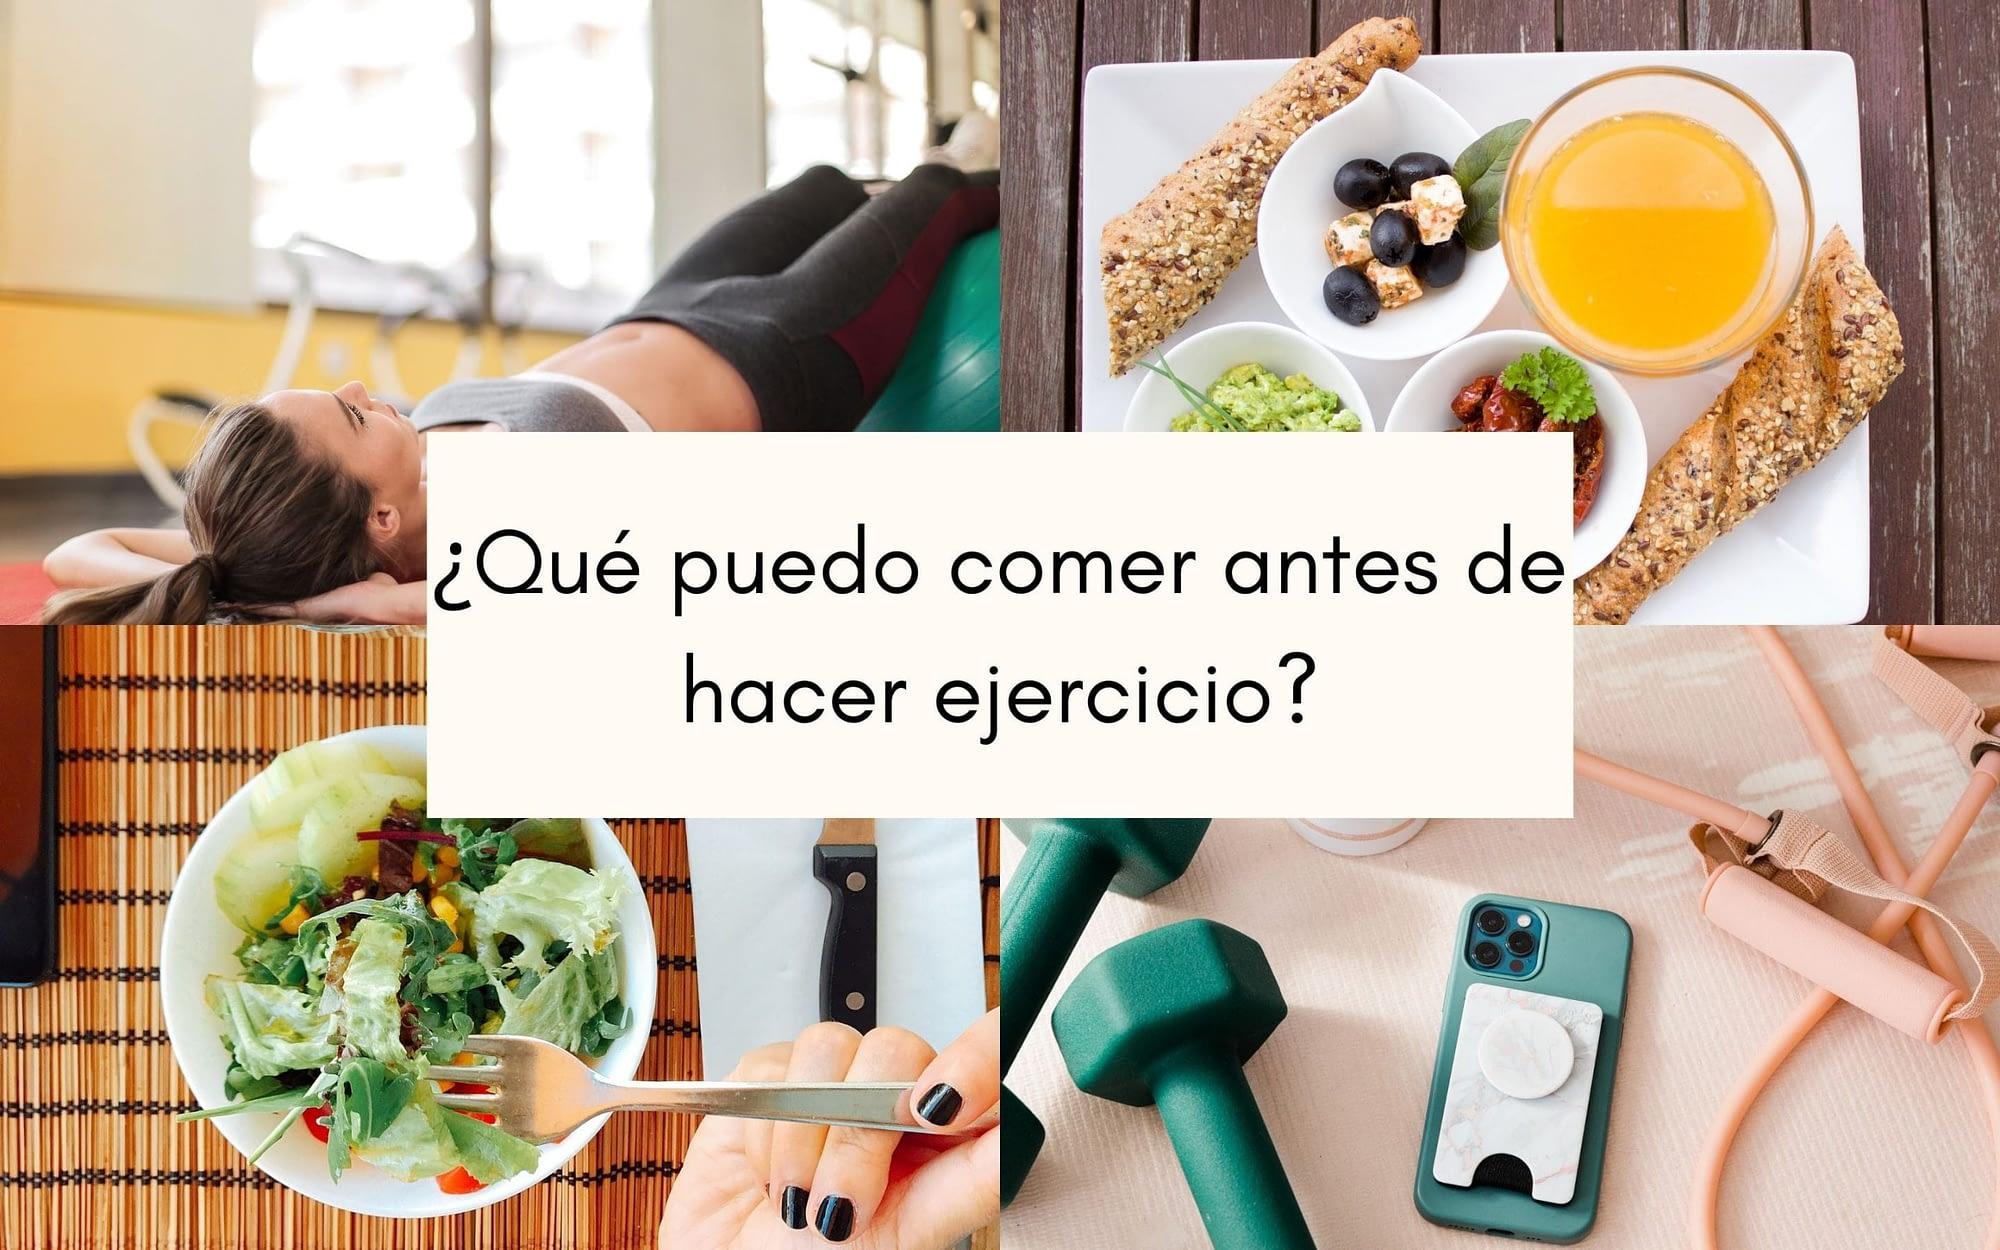 que comer antes de hacer ejercicio-min